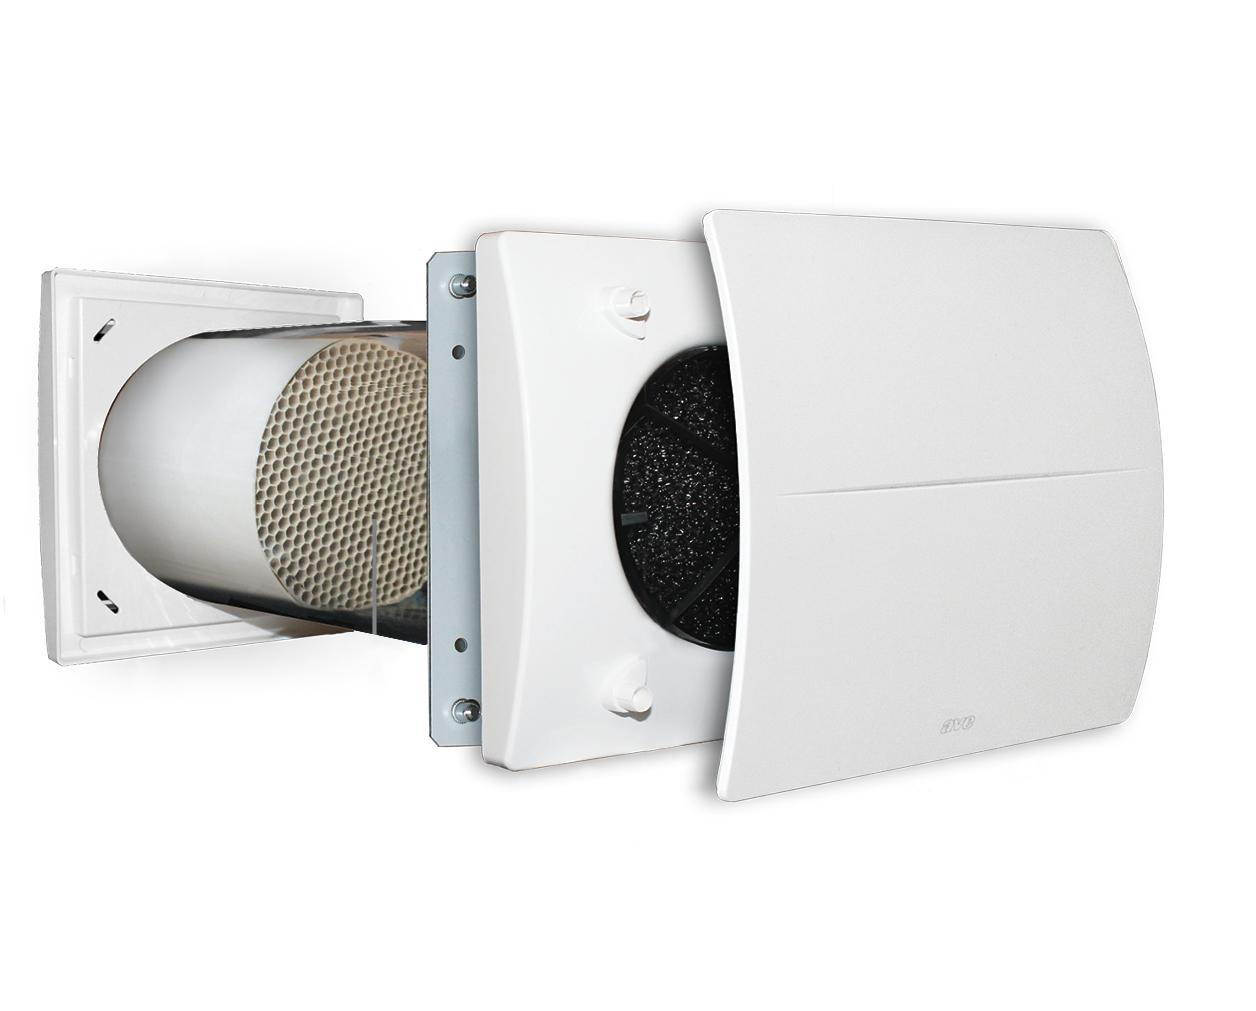 Bagno Cieco Areazione Forzata domusair: la ventilazione secondo ave - elettro